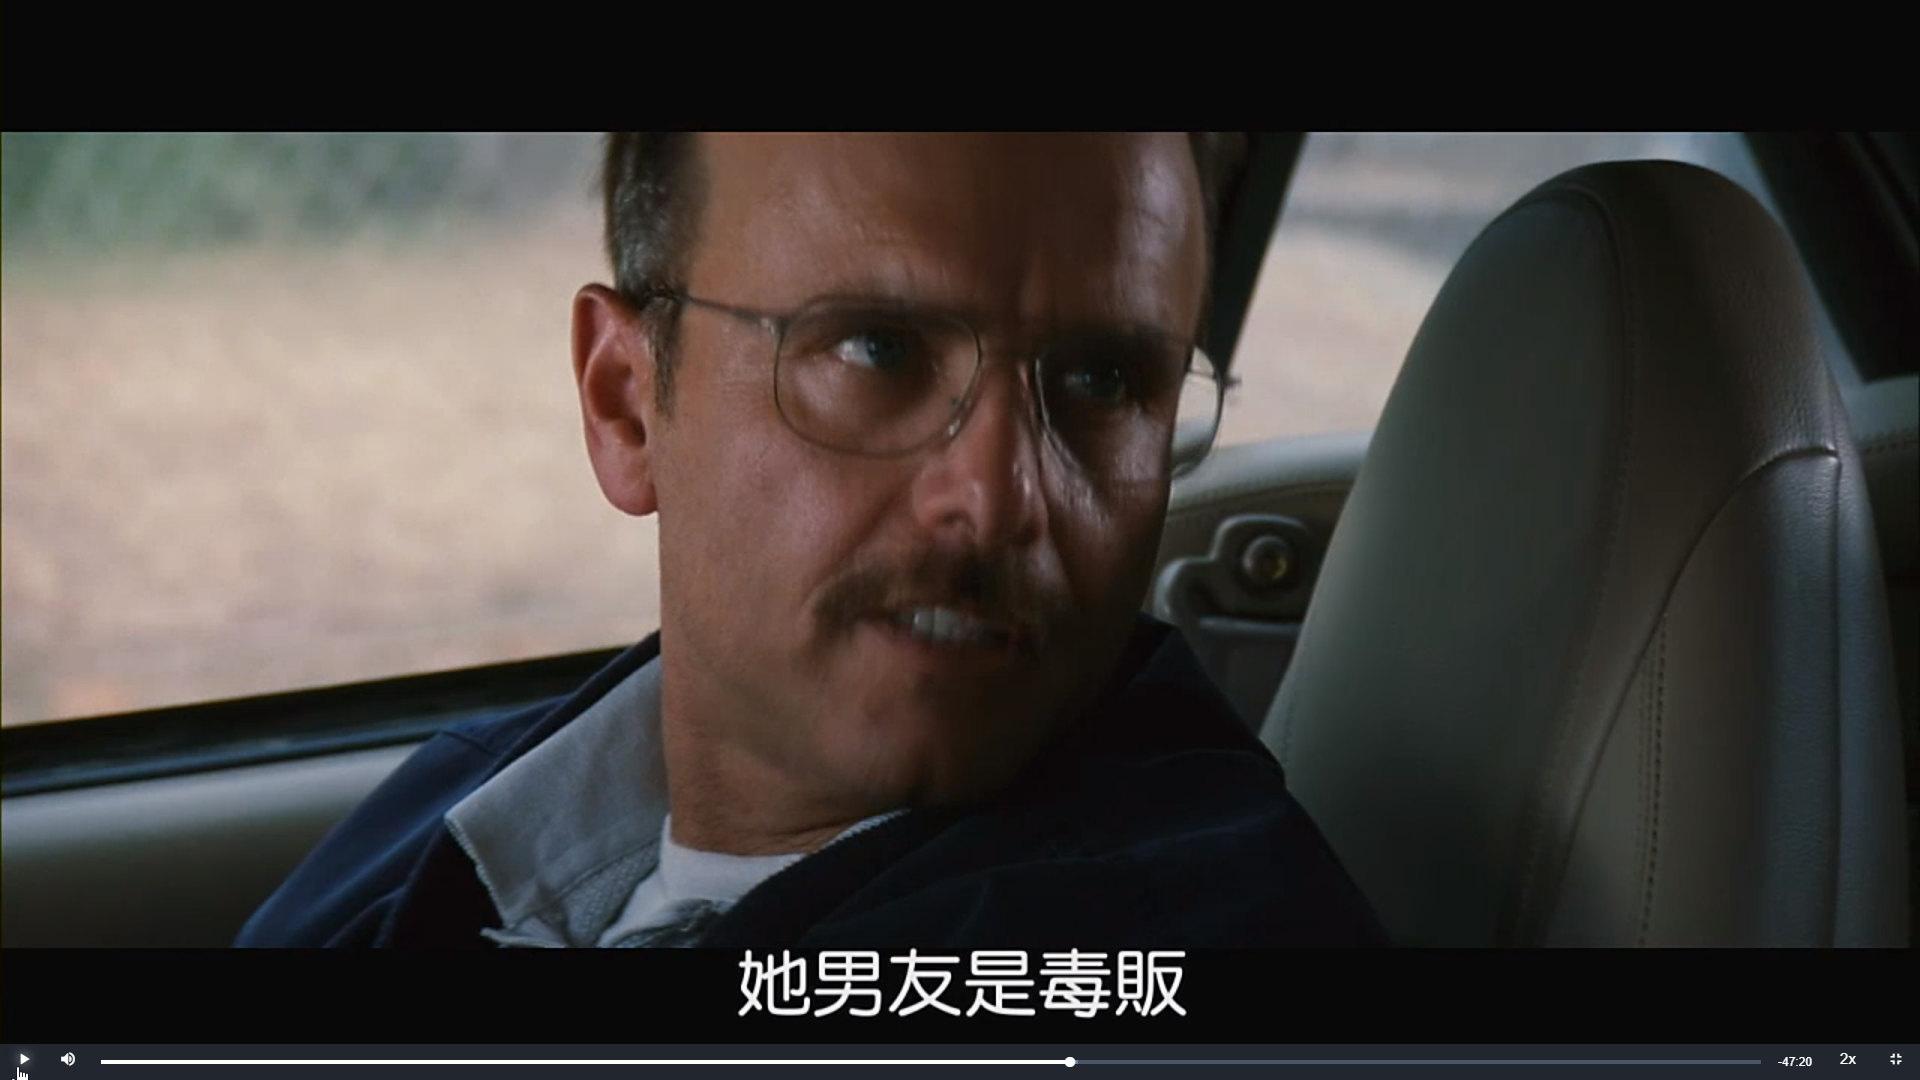 [感想] 電影-記憶拼圖 Memento (2000) 整理順序劇情&爭議討論-099.jpg